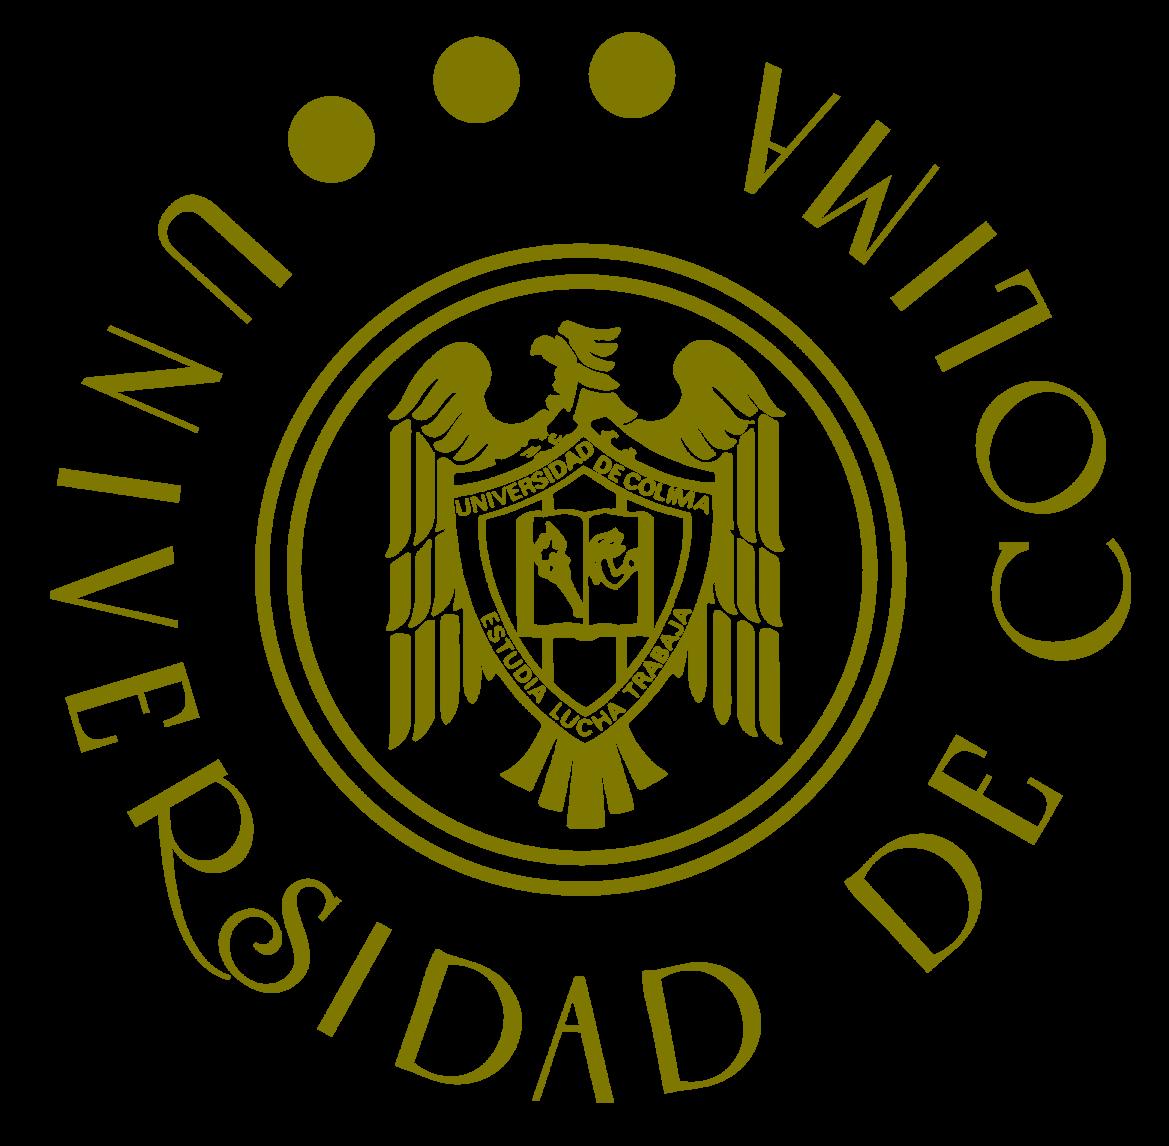 logotipo universidad de guanajuato: